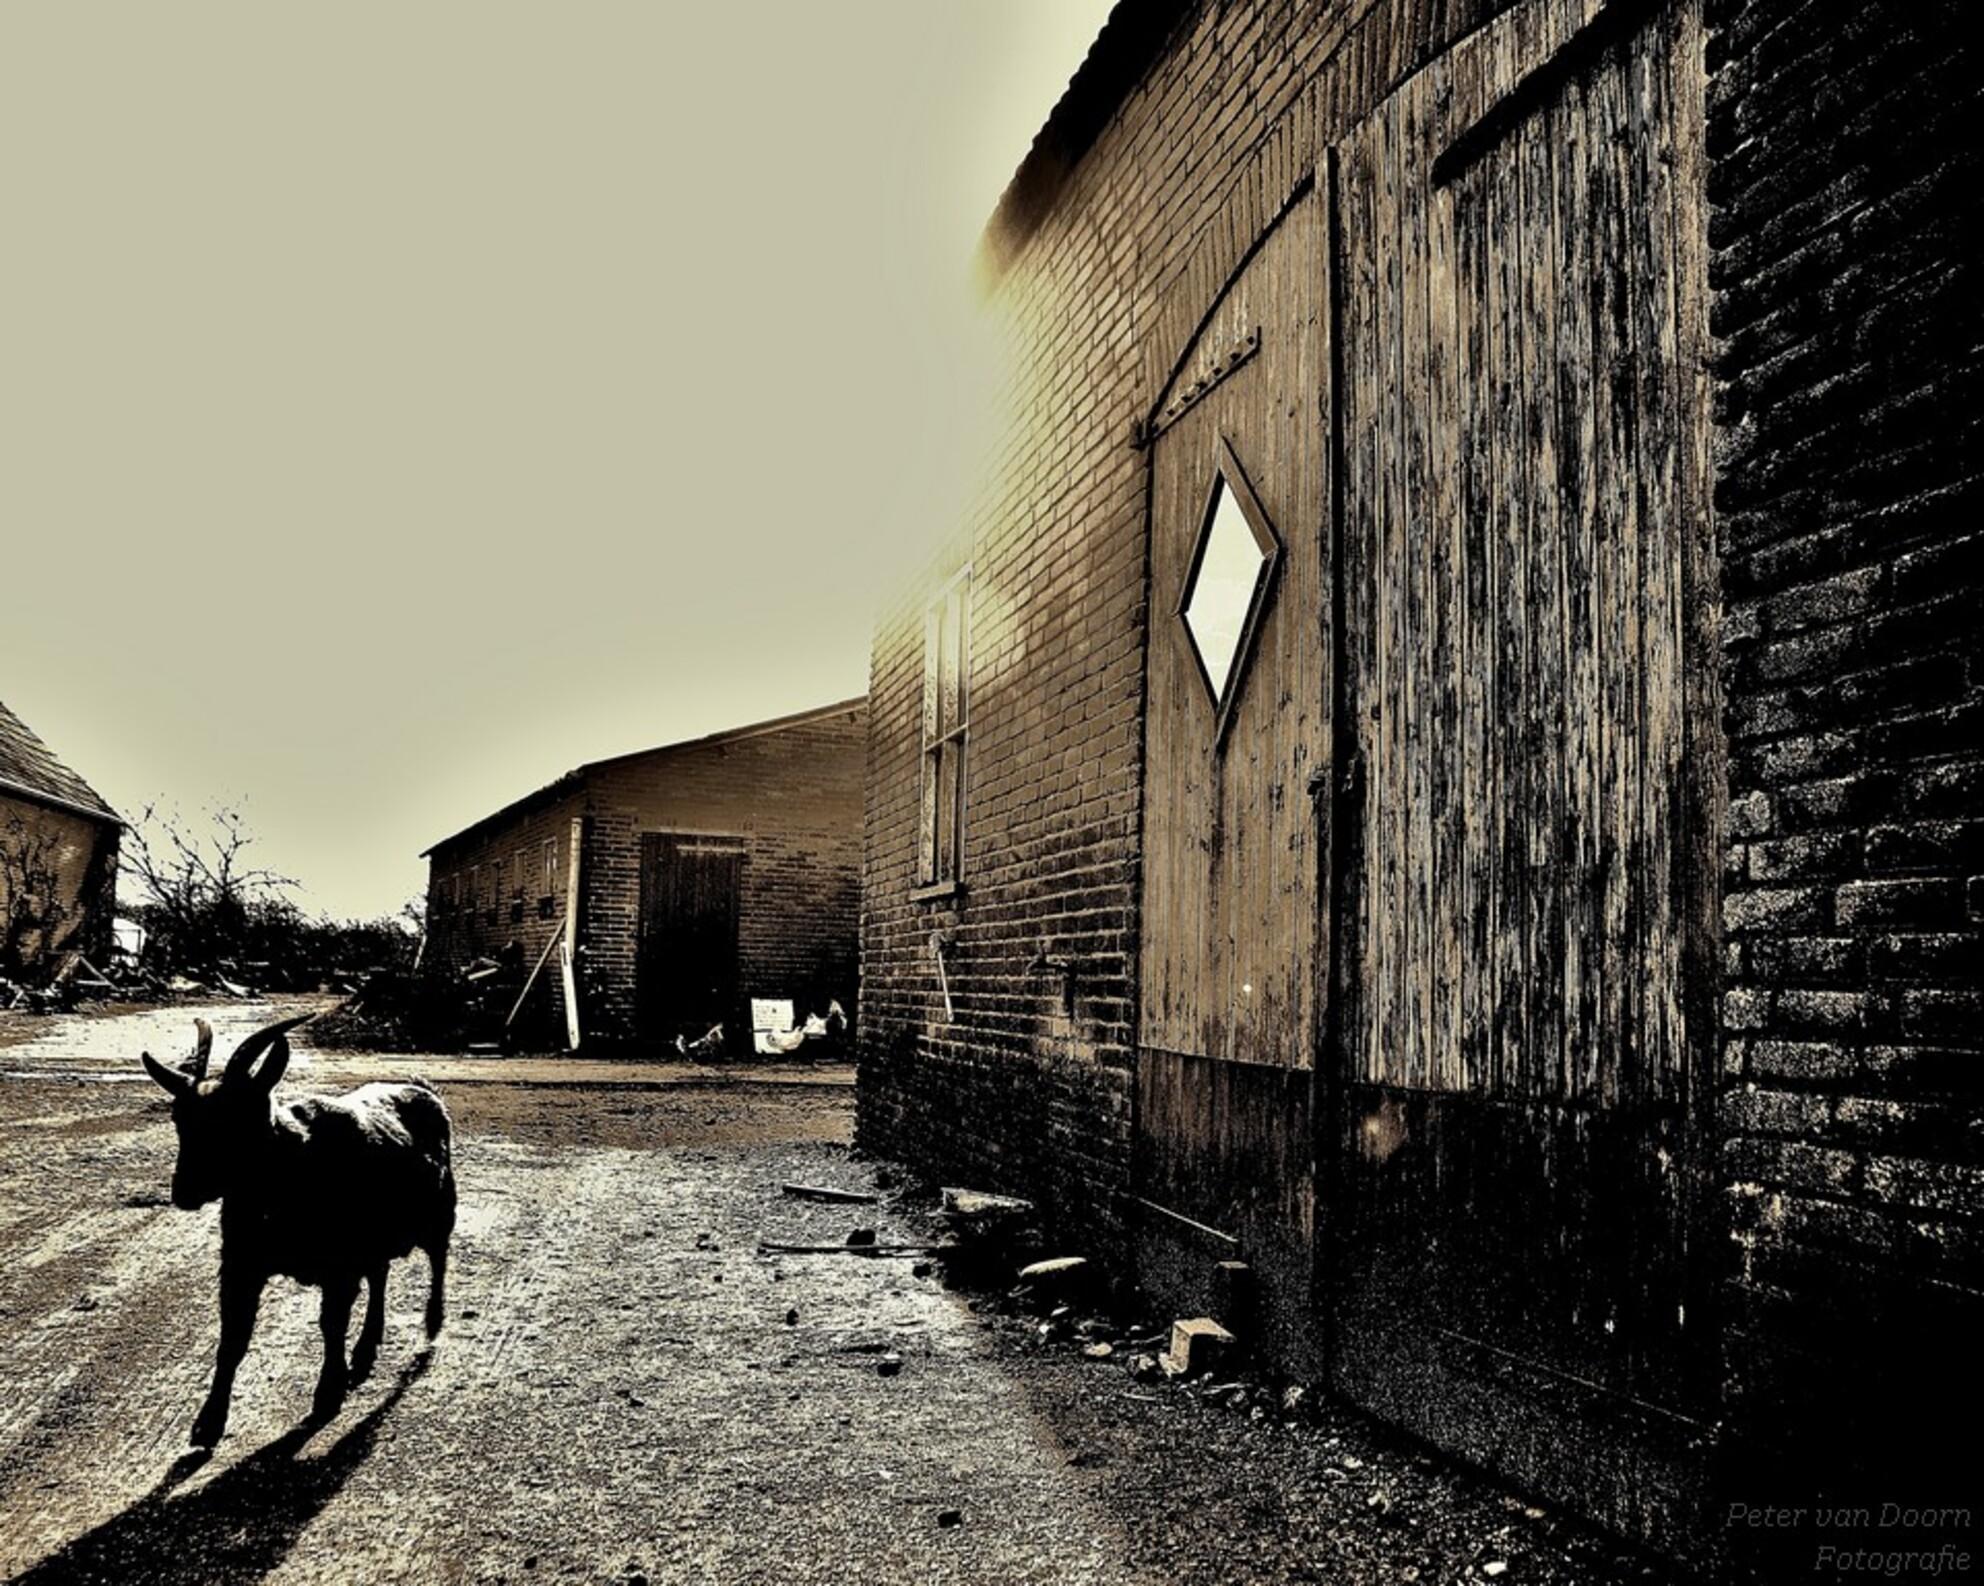 Country Life! - - - foto door pjvdoorn op 09-03-2015 - deze foto bevat: bewerkt, nostalgie, creatief, tonemapping